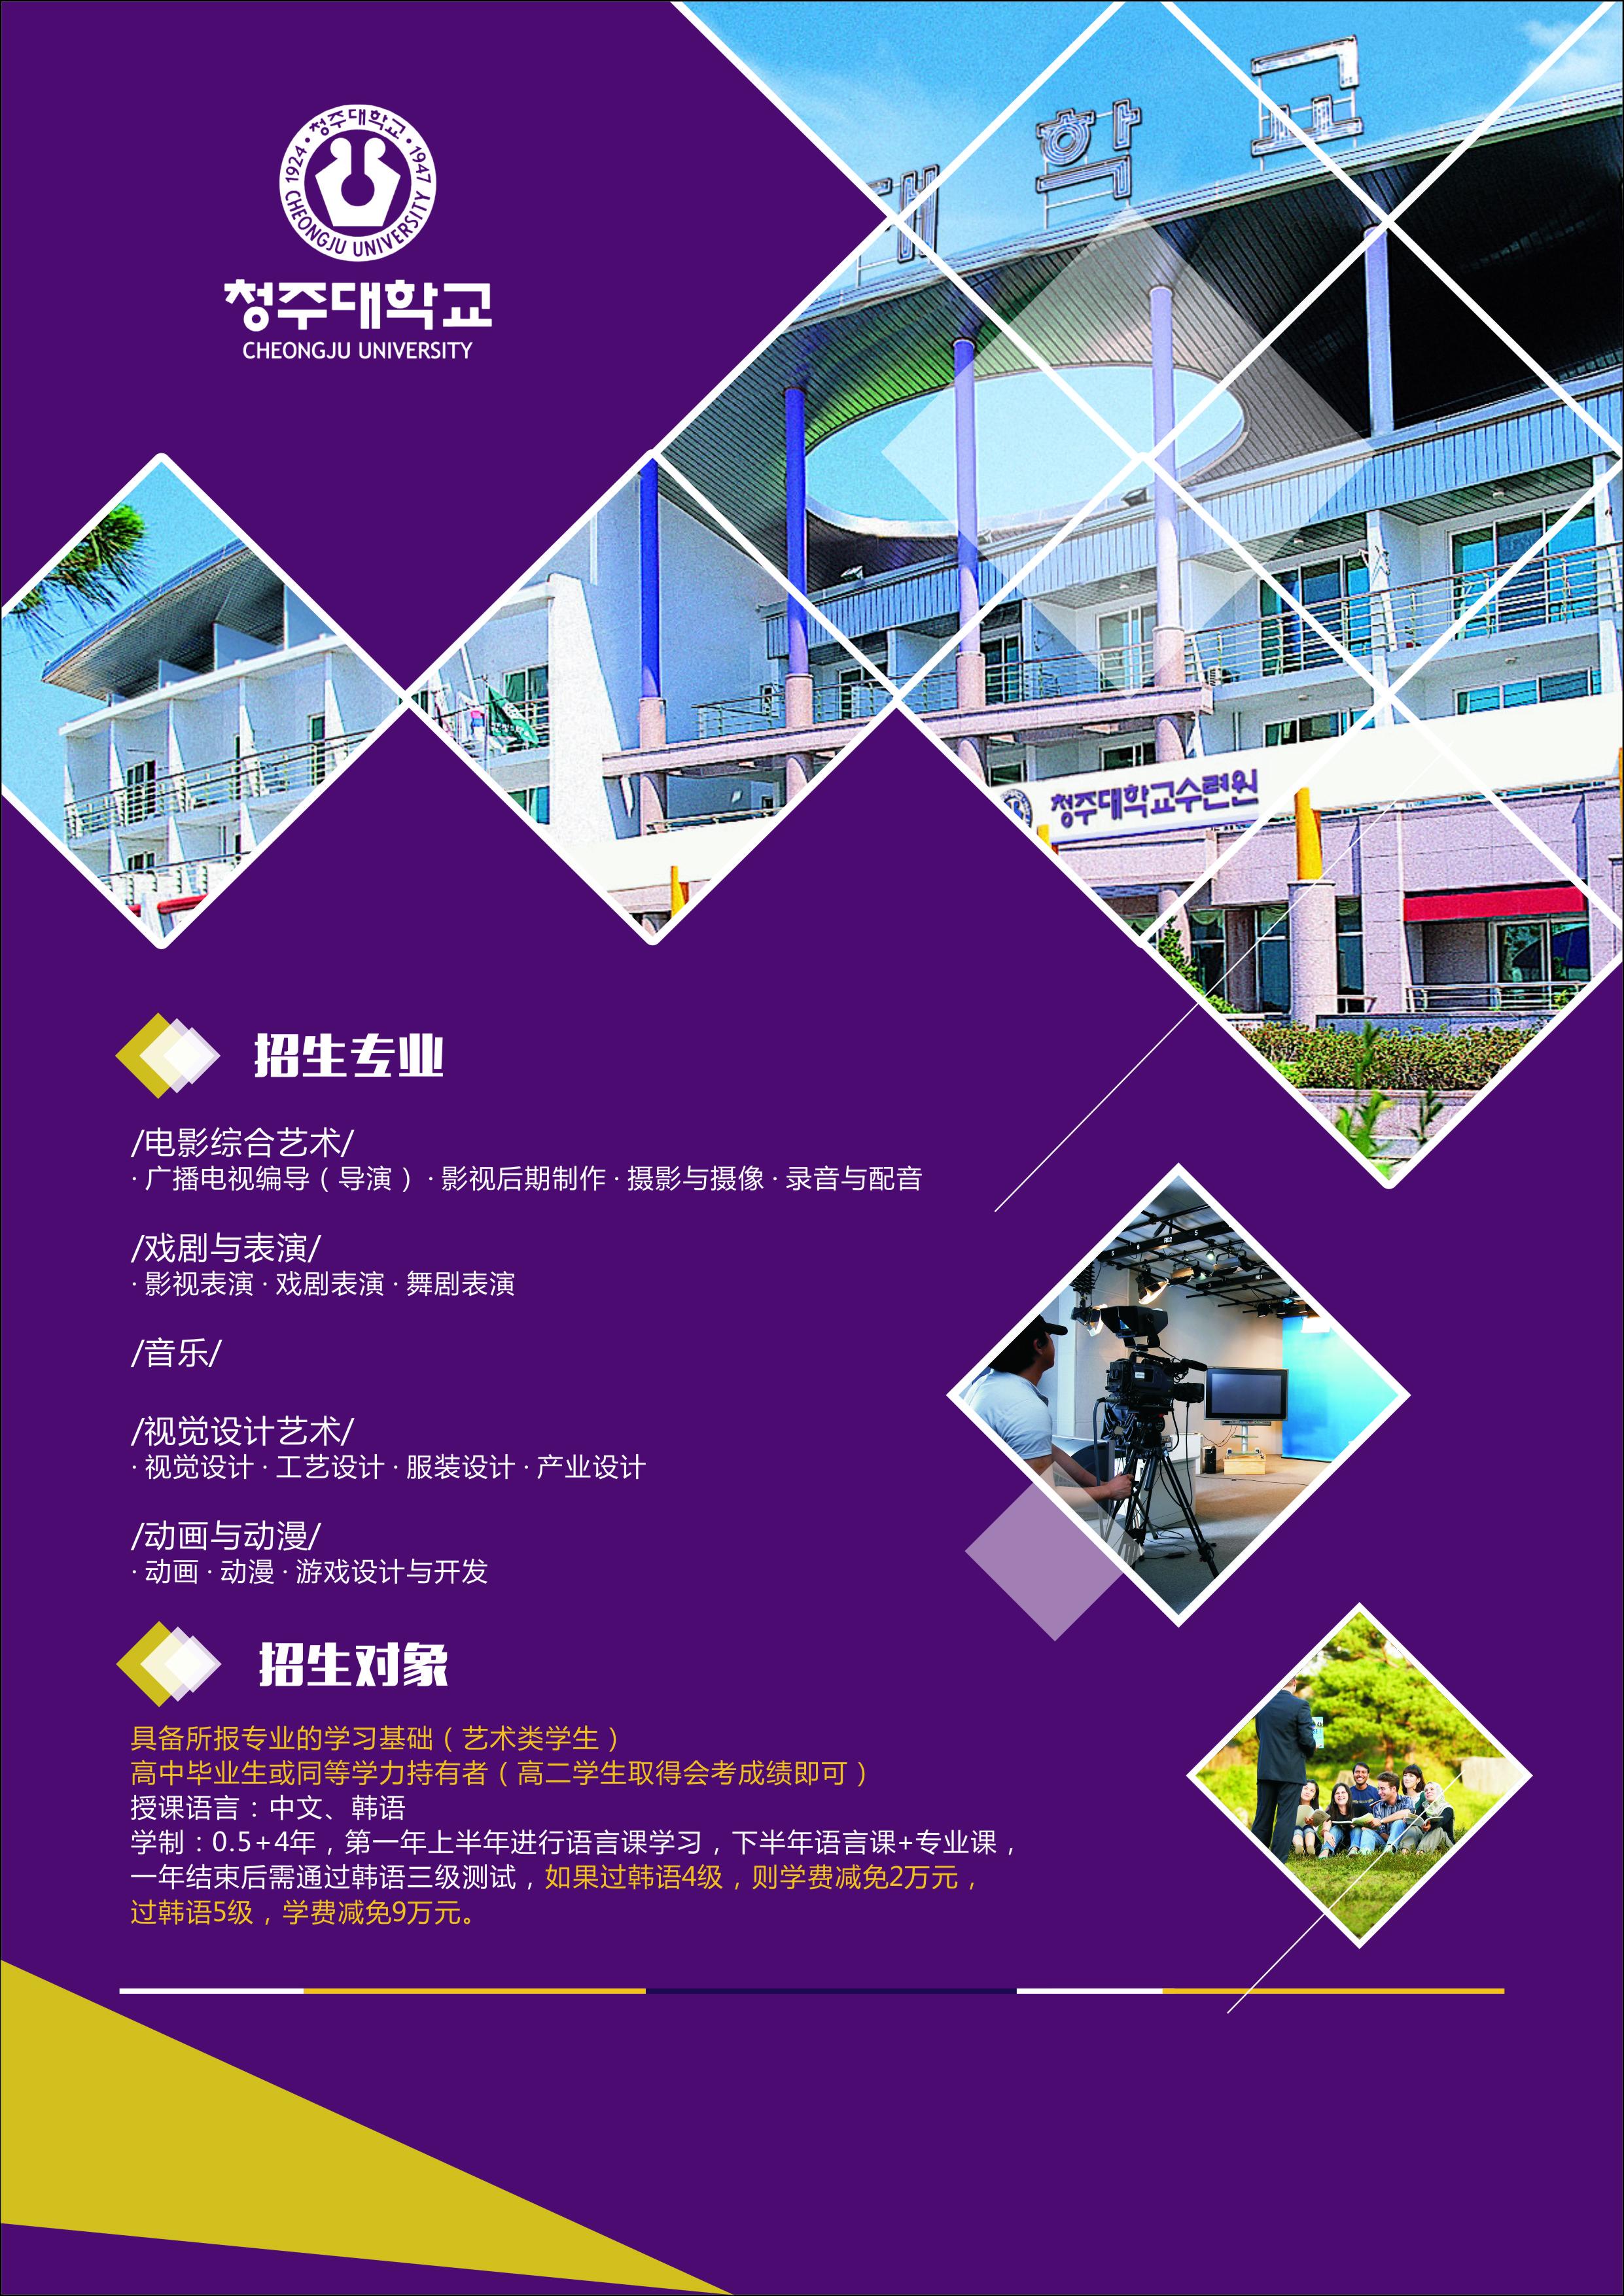 清州大学宣传单2反.jpg